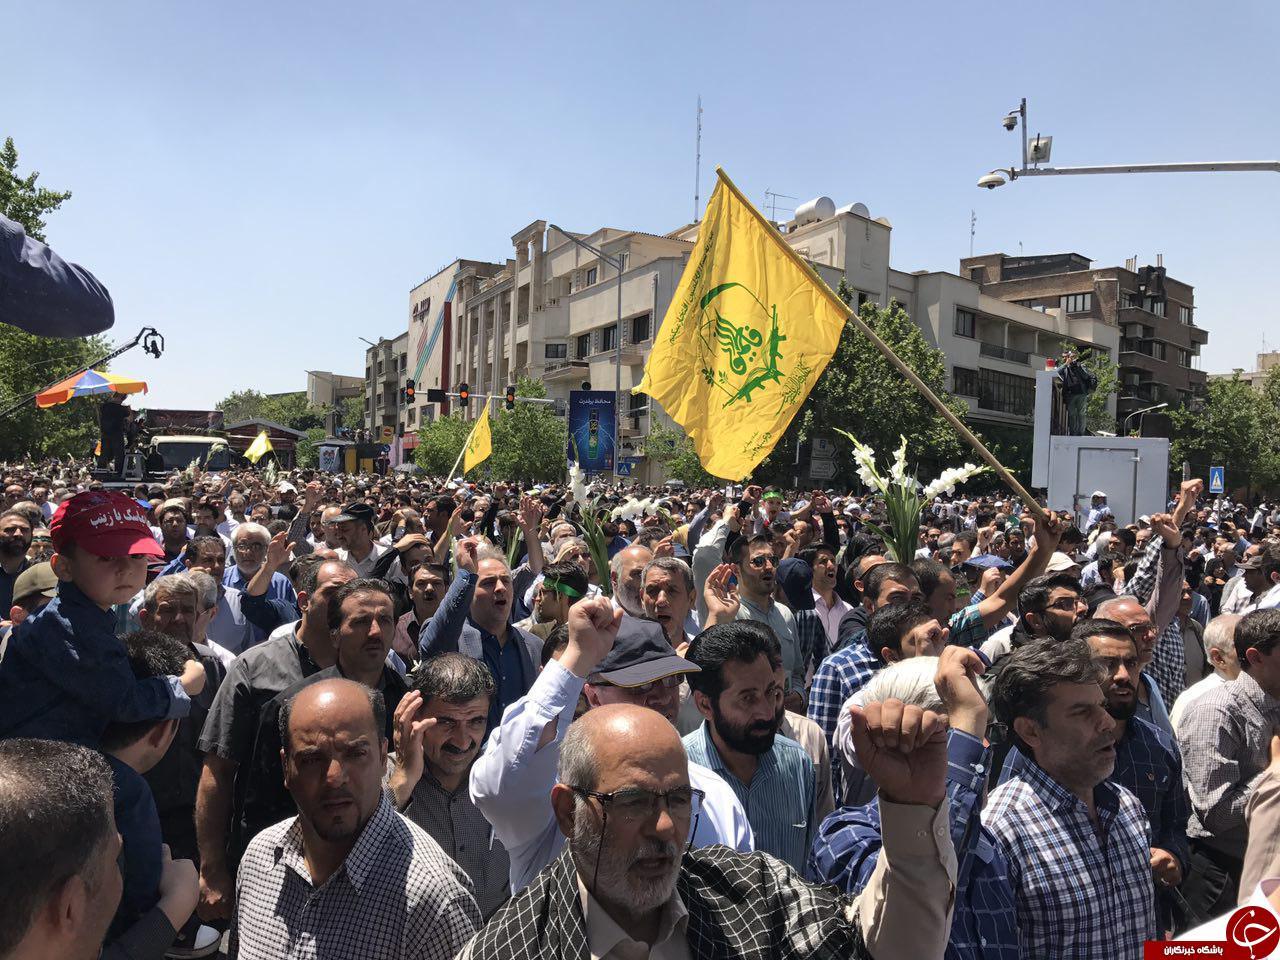 مراسم تشییع پیکر شهدای حوادث تروریستی تهران آغاز شد/مردم شعار مرگ بر آمریکا سر میدهند+تصاویر